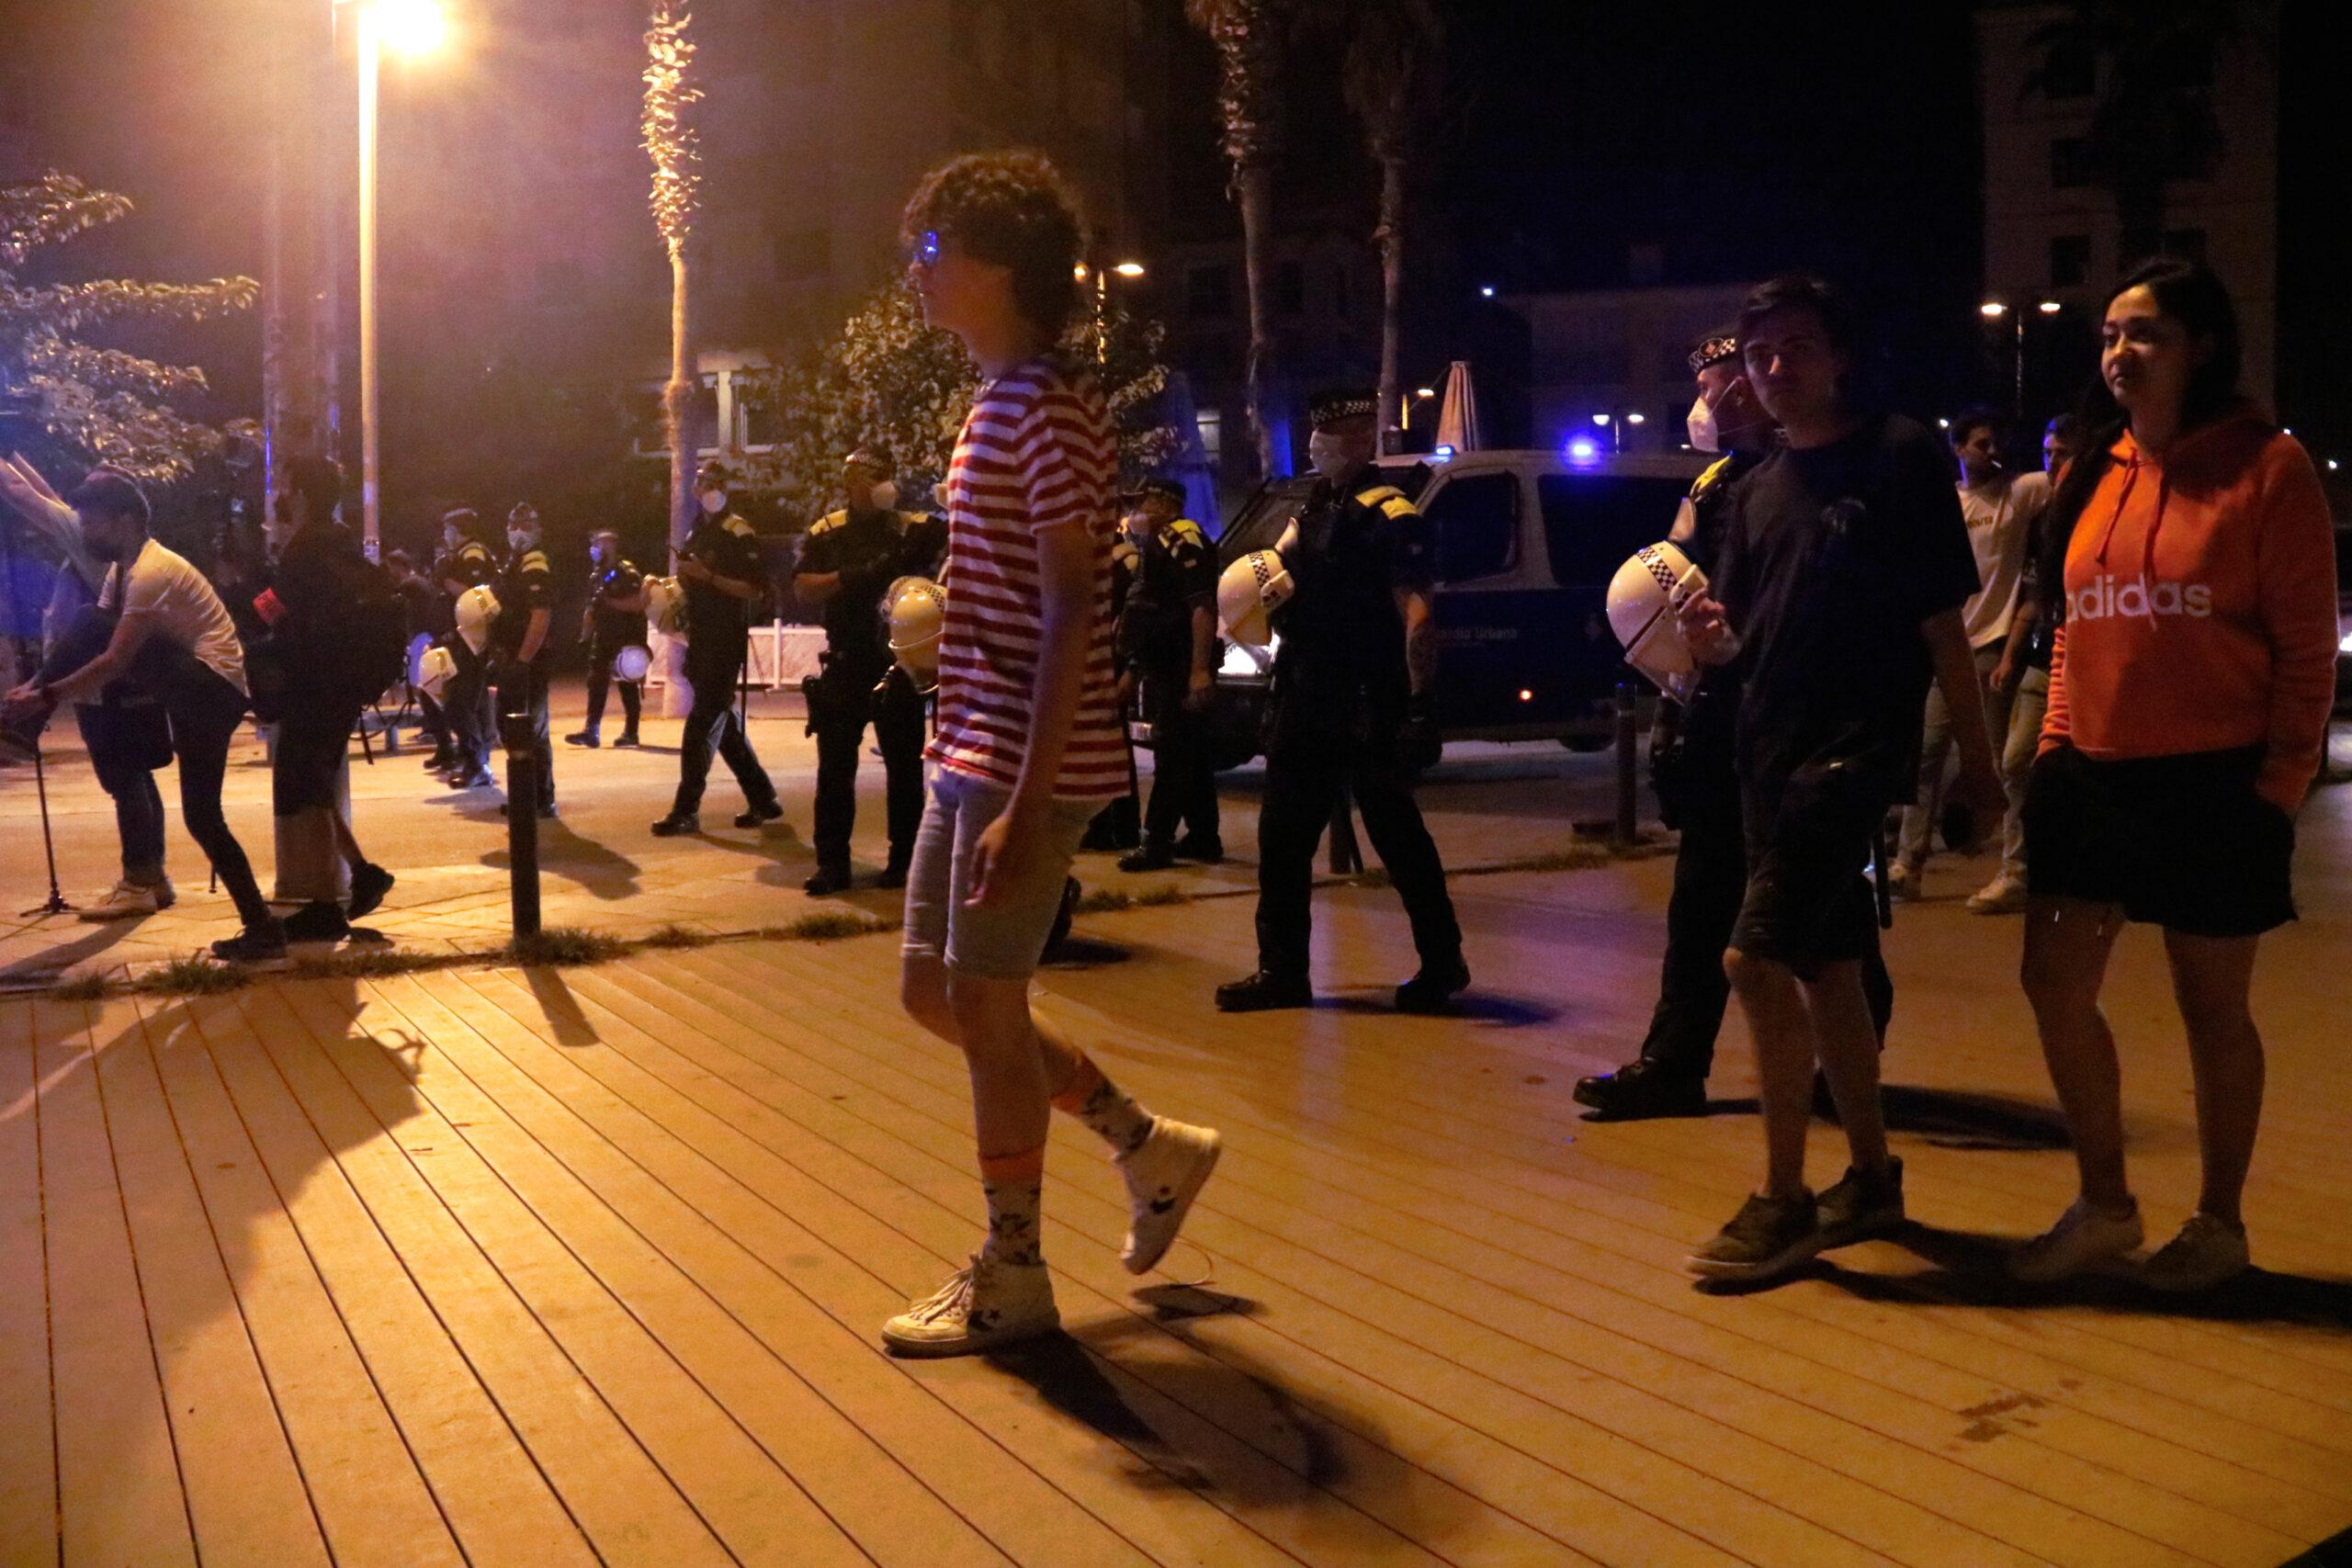 Agents de la Guàrdia Urbana desallotgen les persones que hi ha a la Barceloneta passat l'inici del toc de queda nocturn / ACN